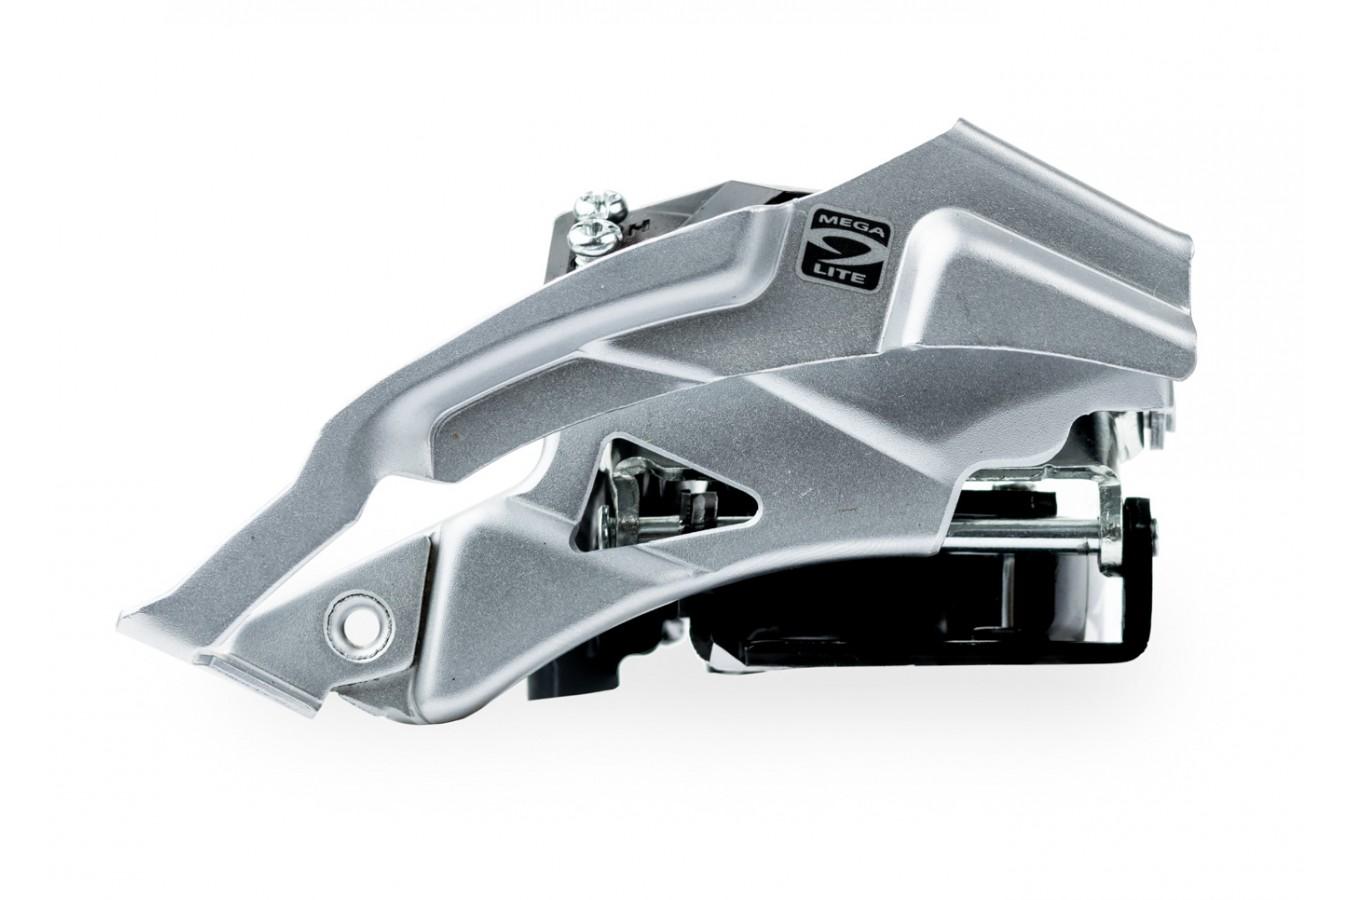 Câmbio Dianteiro 34,9mm FD M2000 Altus - Shimano